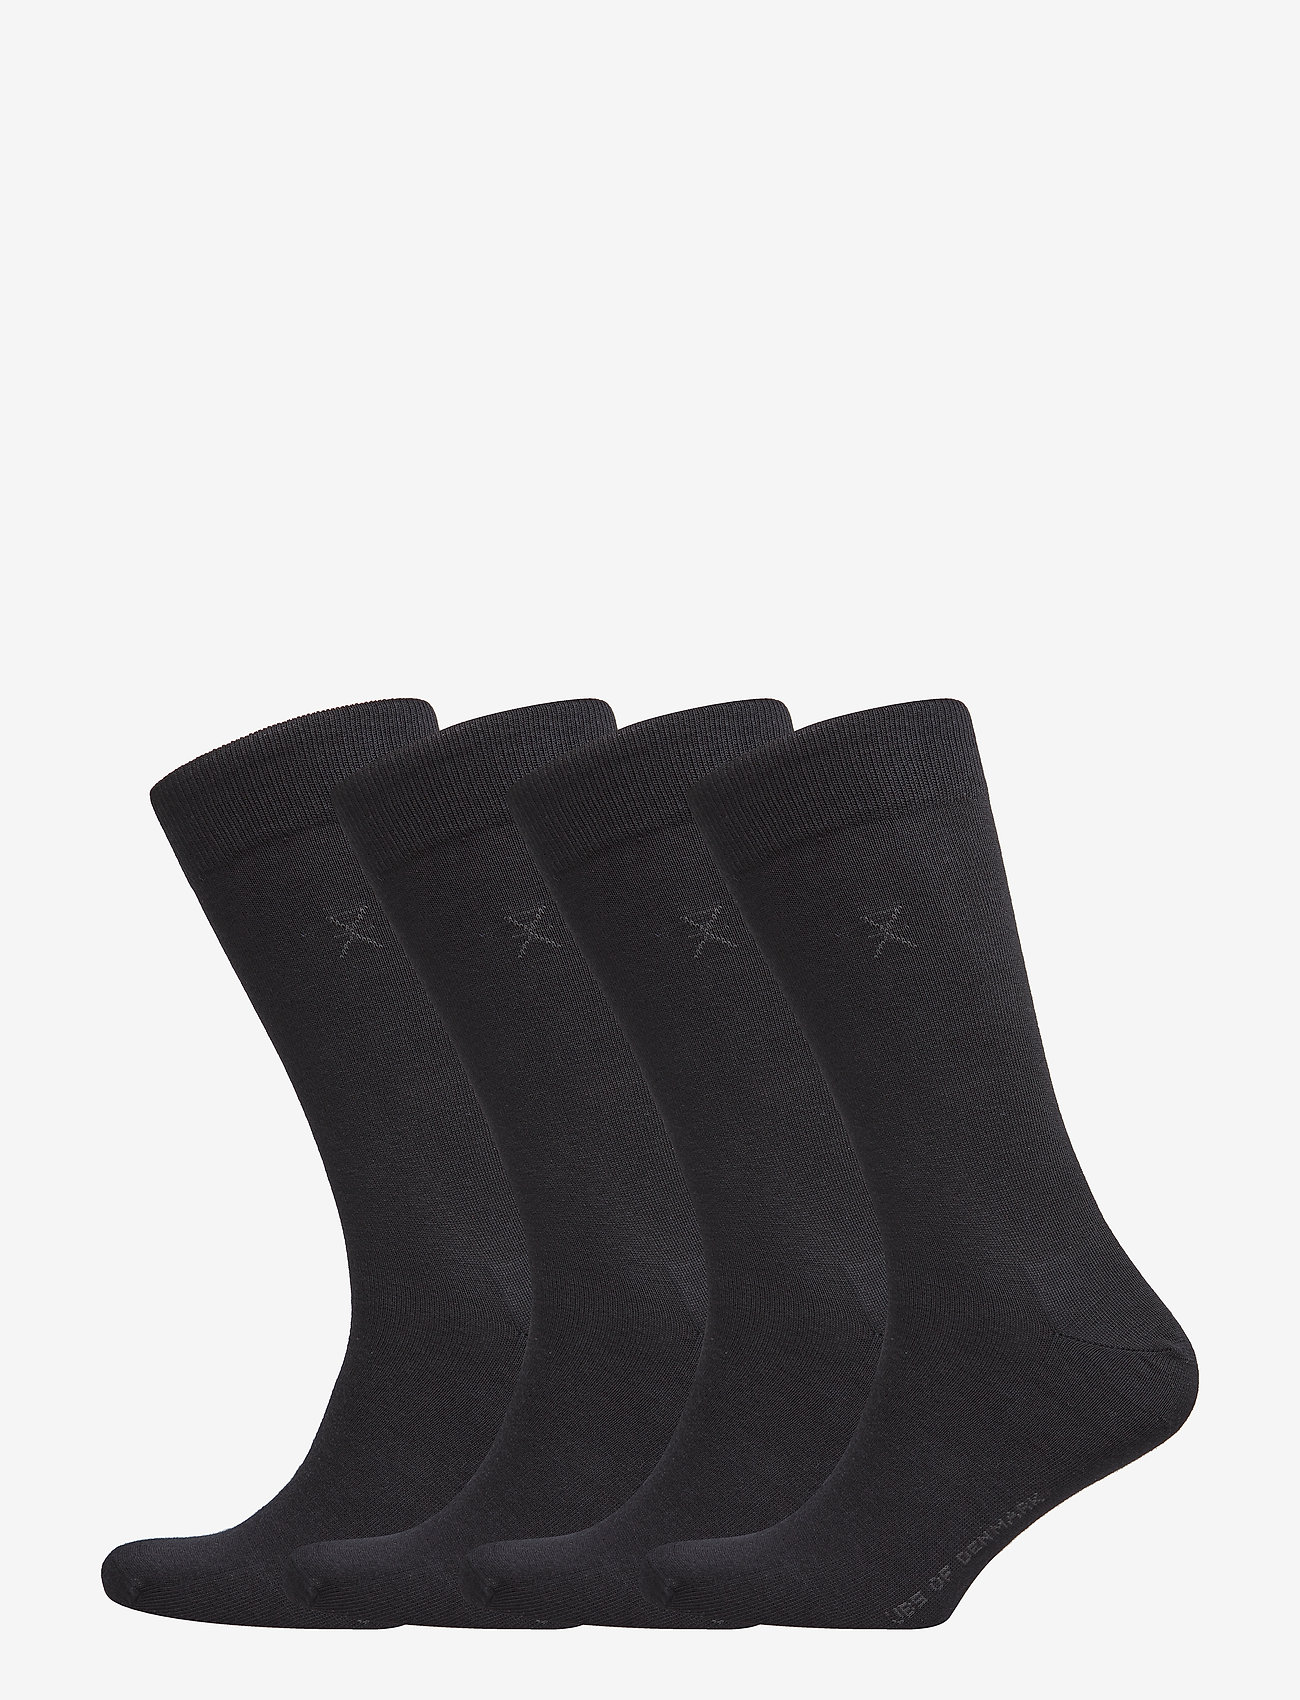 JBS of Denmark - JBS of dk socks cotton 4-pack - regular socks - black